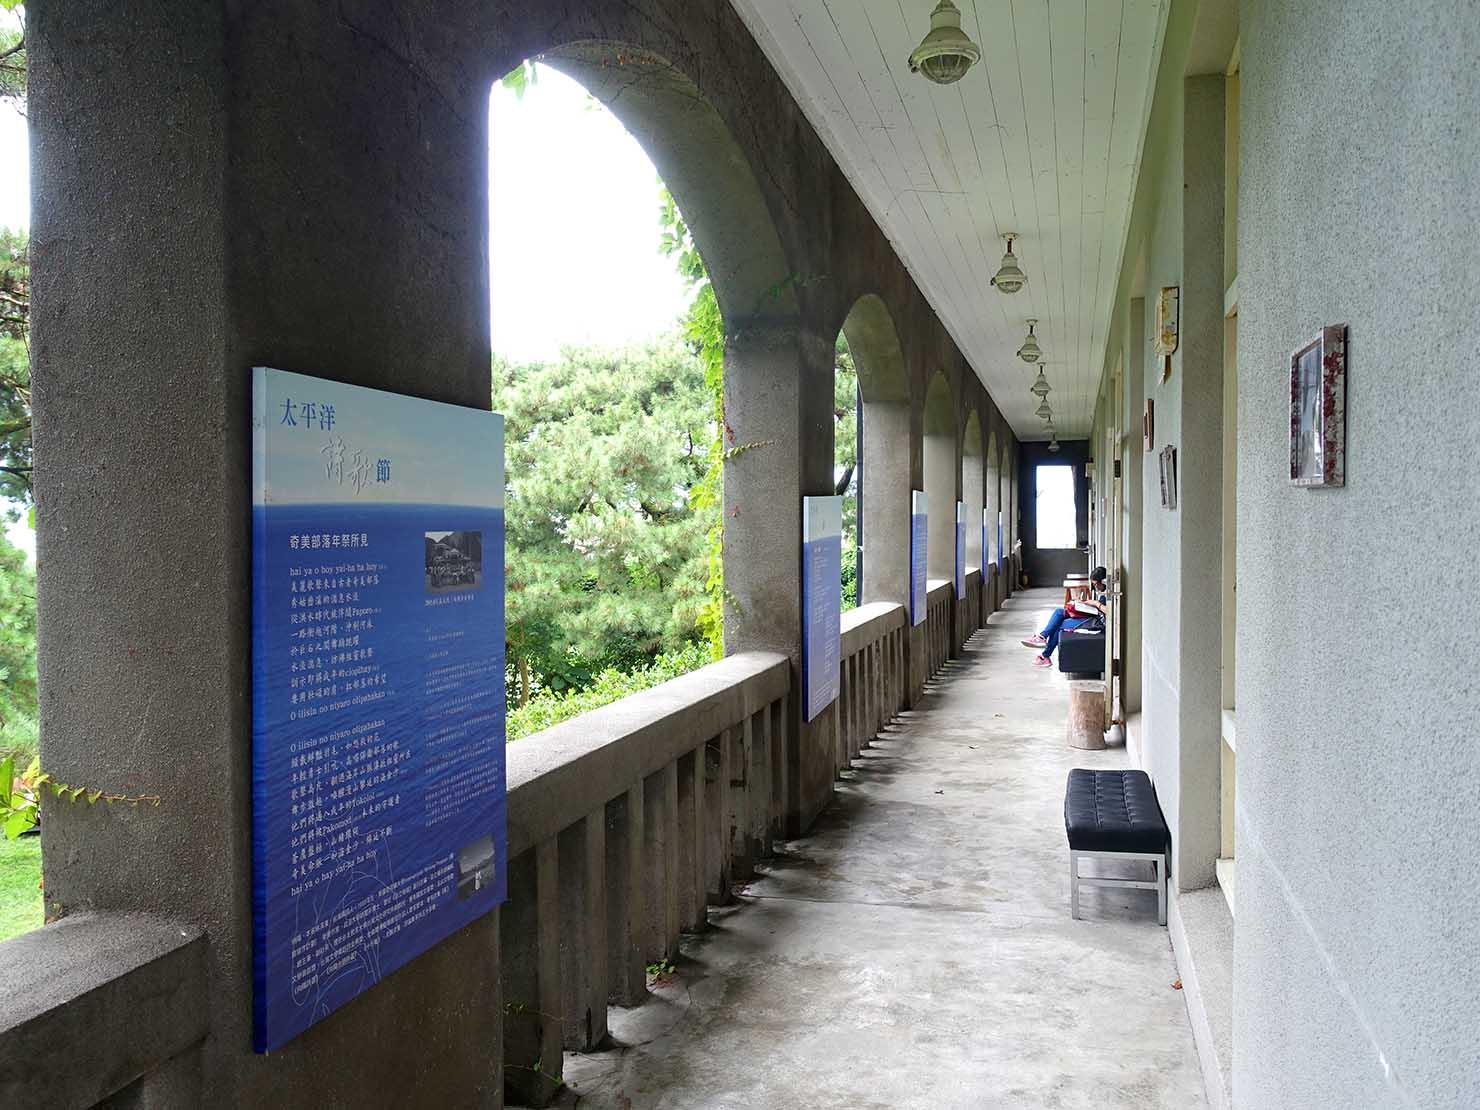 台湾・花蓮のおすすめ観光スポット「松園別館」の廊下